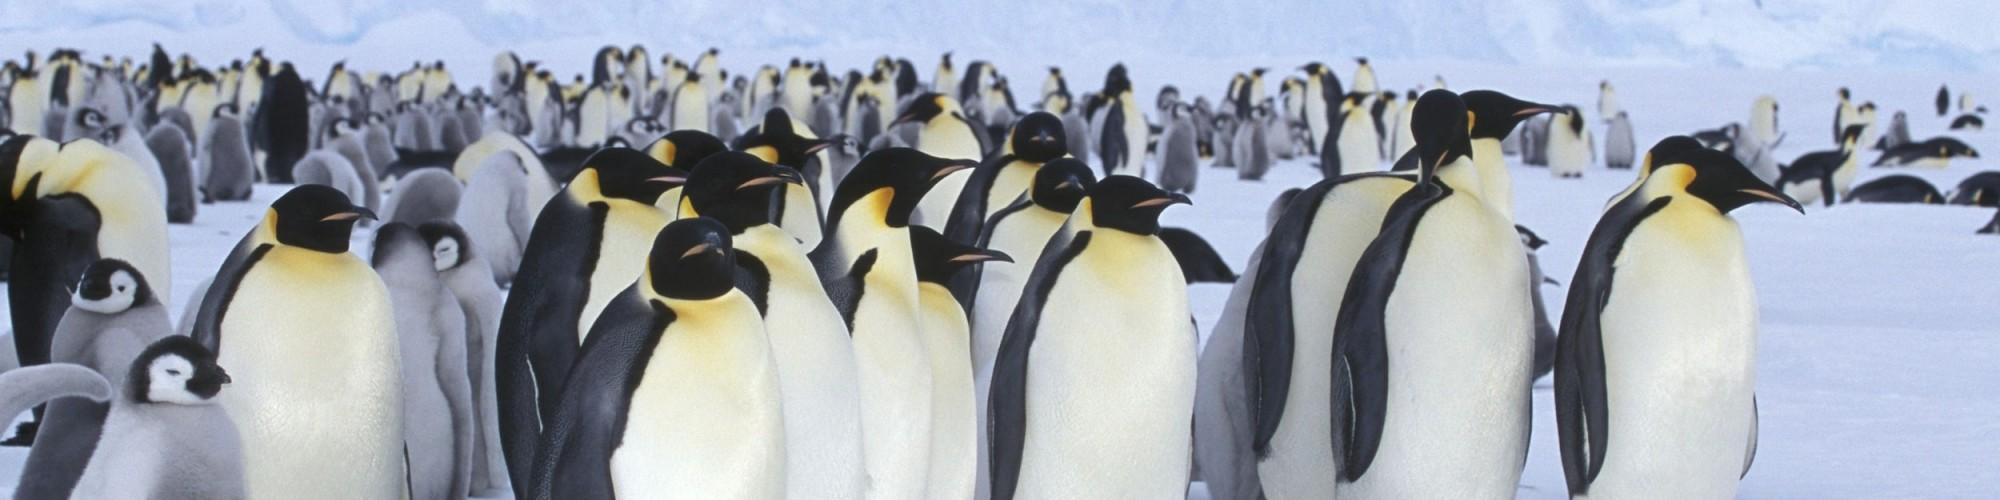 Antarctica - Kaiserpinguin / Apdenodytes forsteri